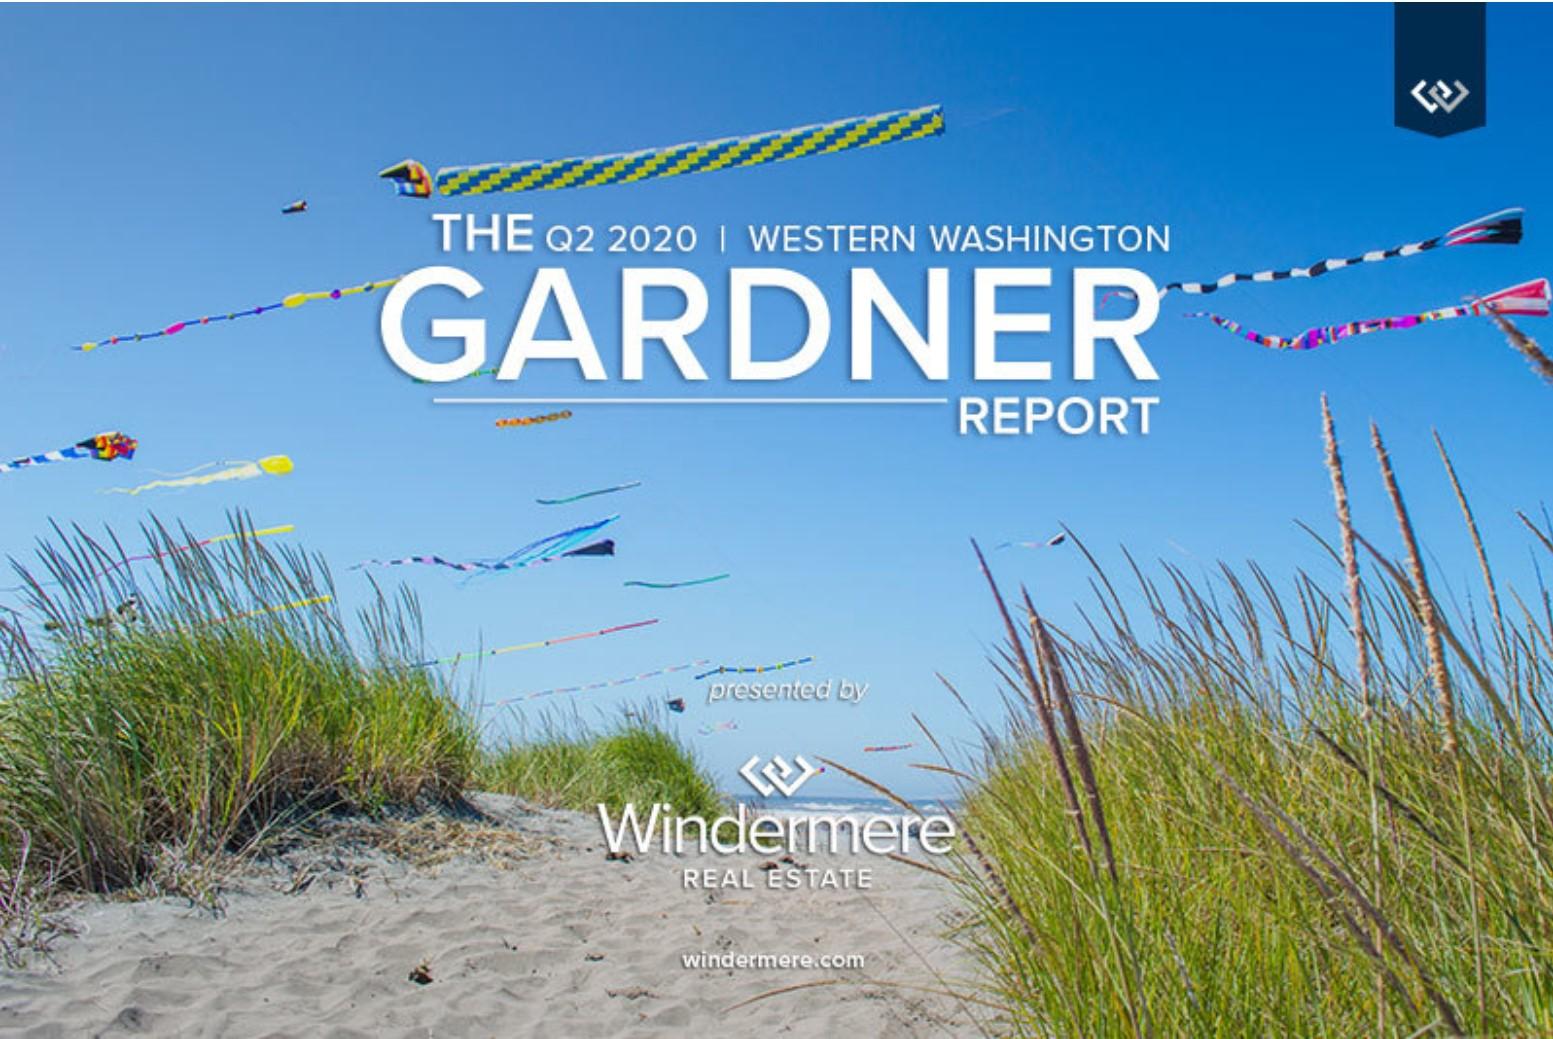 The Gardner Report Q2 2020 WEBSITE THUMBNAIL